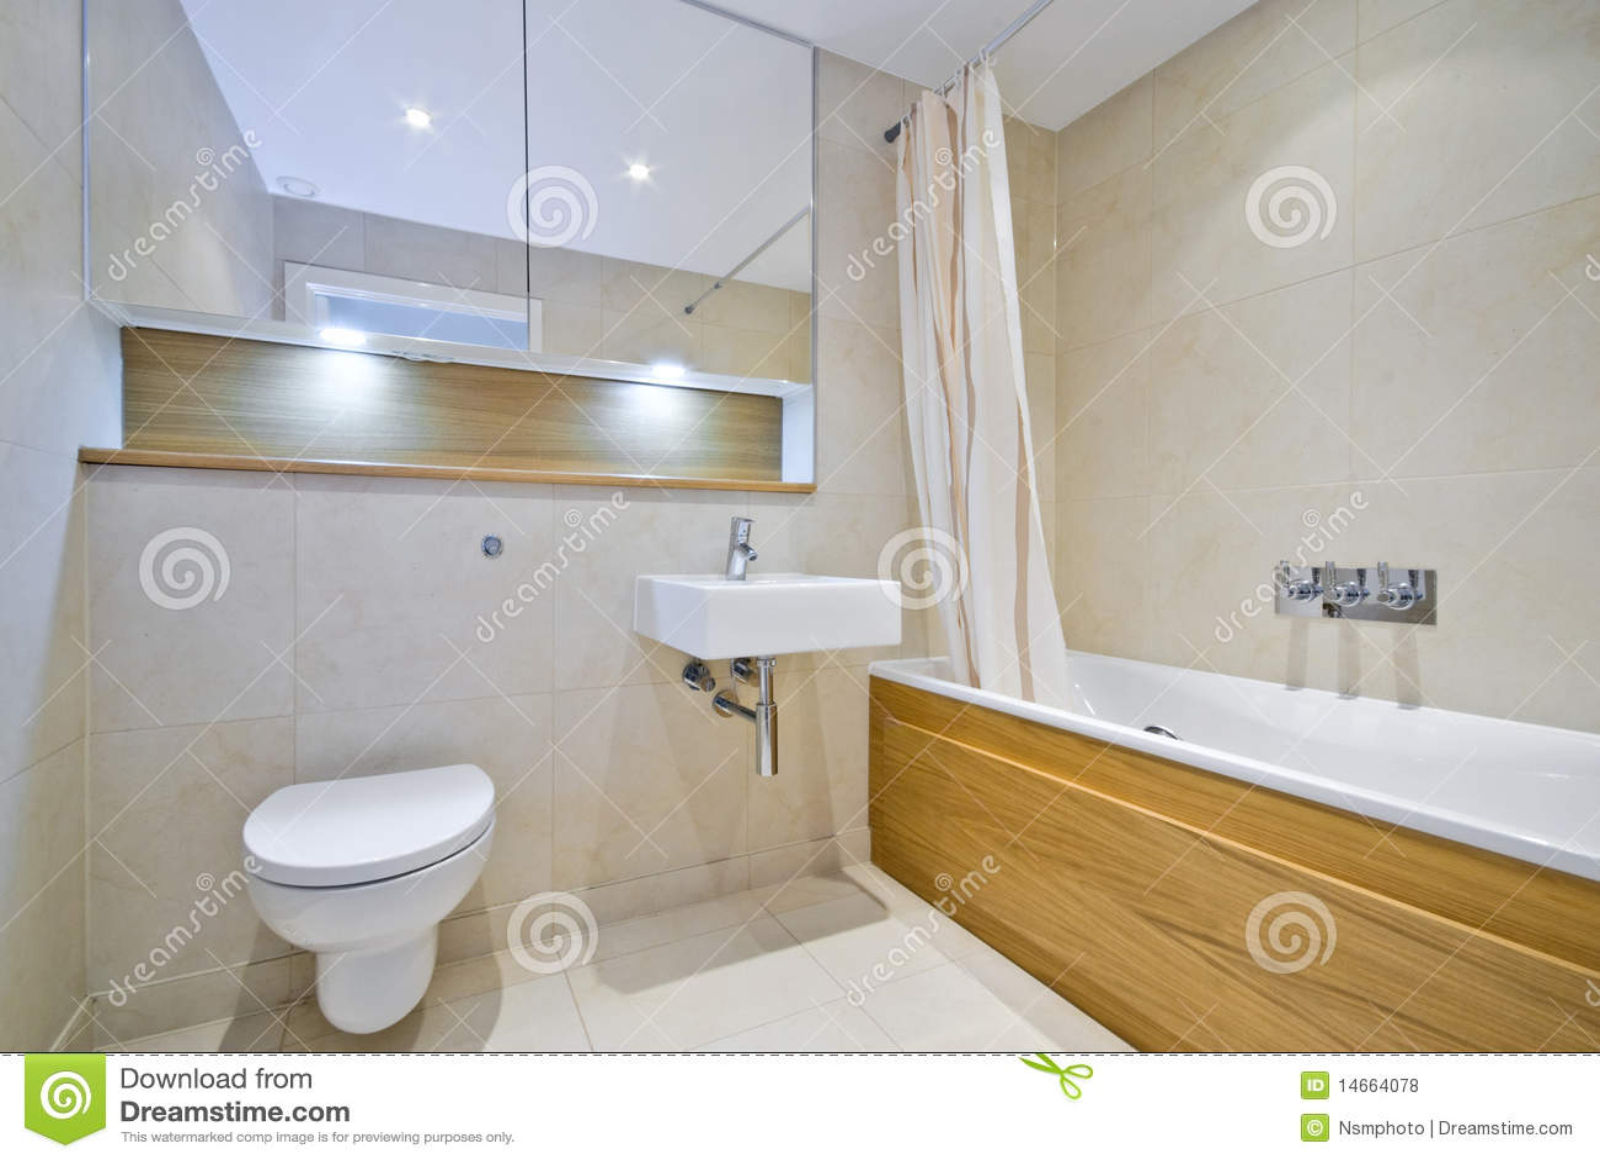 Stanza da bagno moderna con la grande vasca di bagno nel beige